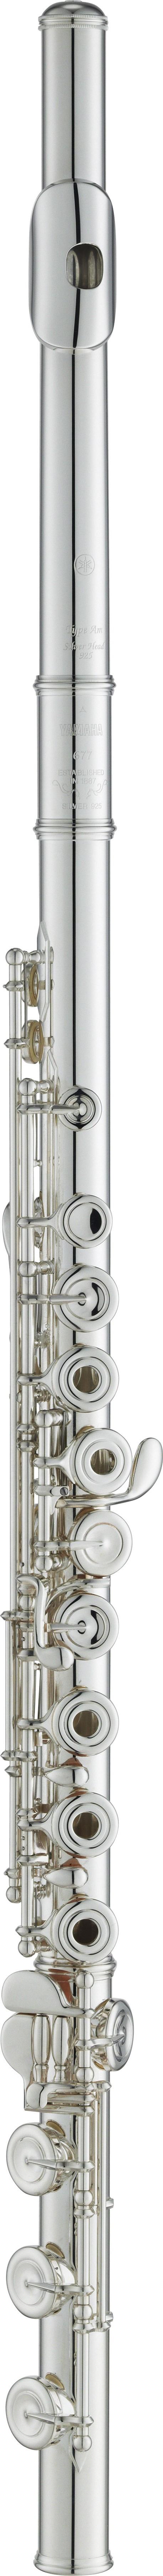 Yamaha - YFL-677-H - RBEO - Holzblasinstrumente - Flöten mit E-Mechanik | MUSIK BERTRAM Deutschland Freiburg